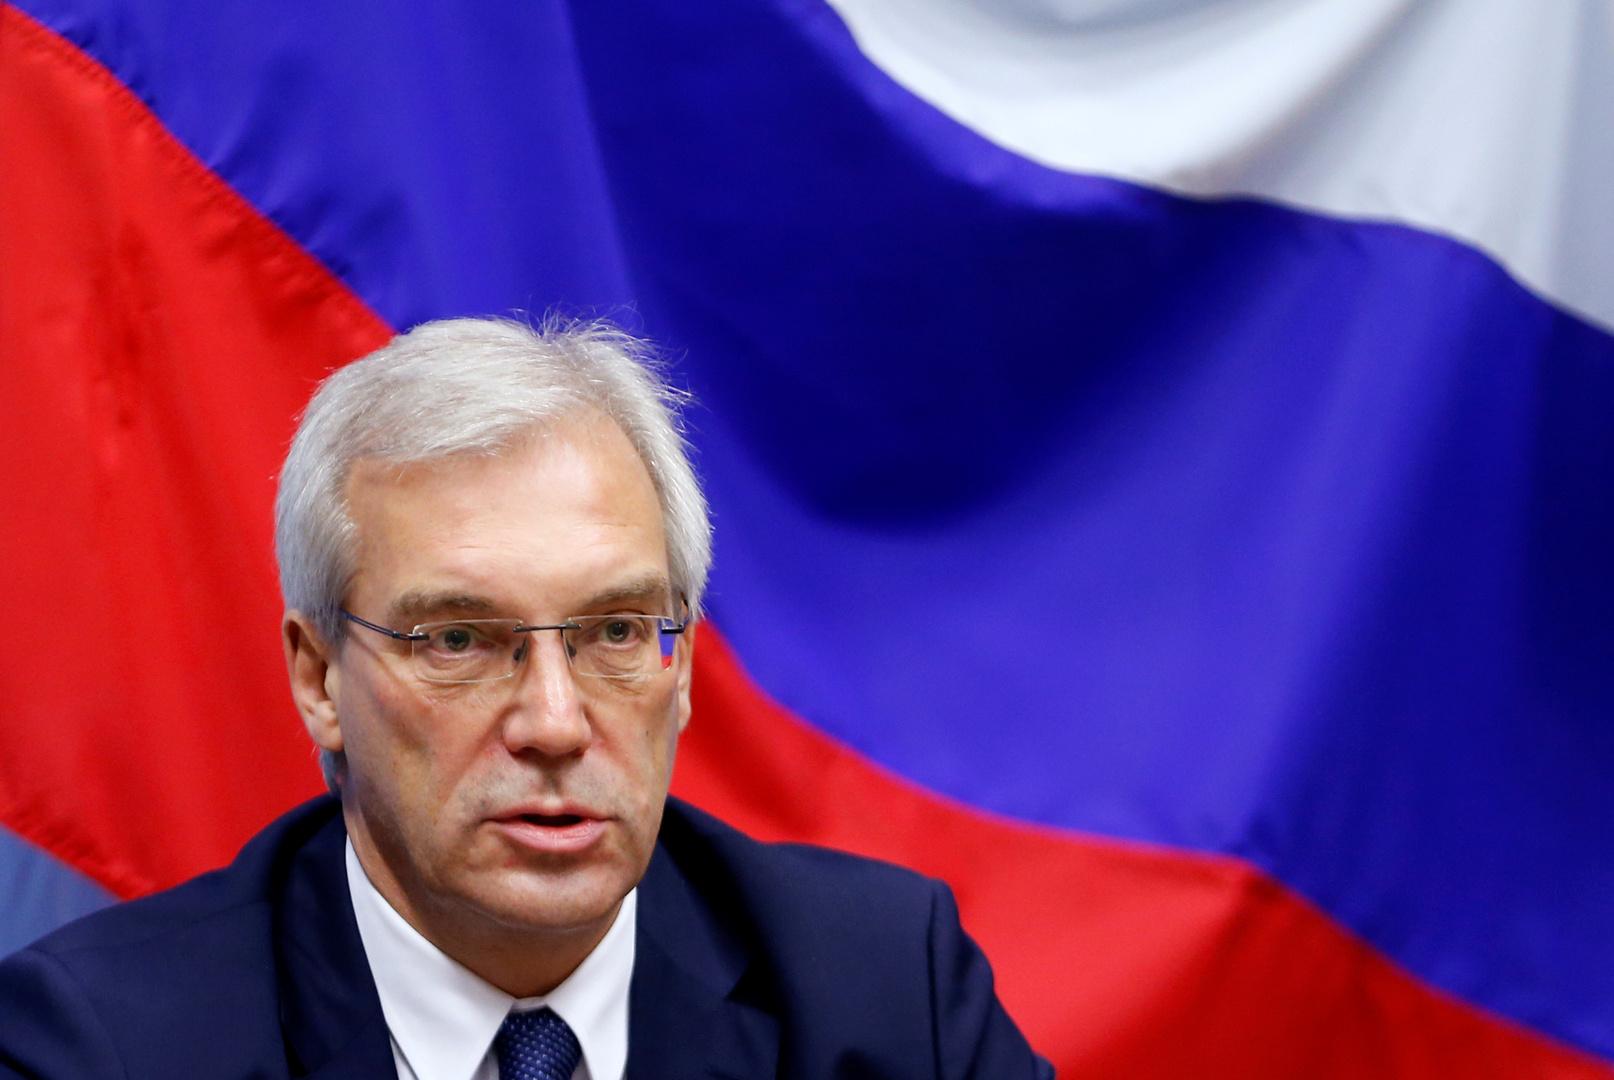 موسكو تعلق على دعوة رئيس سابق لمنع الروس من دخول أوروبا